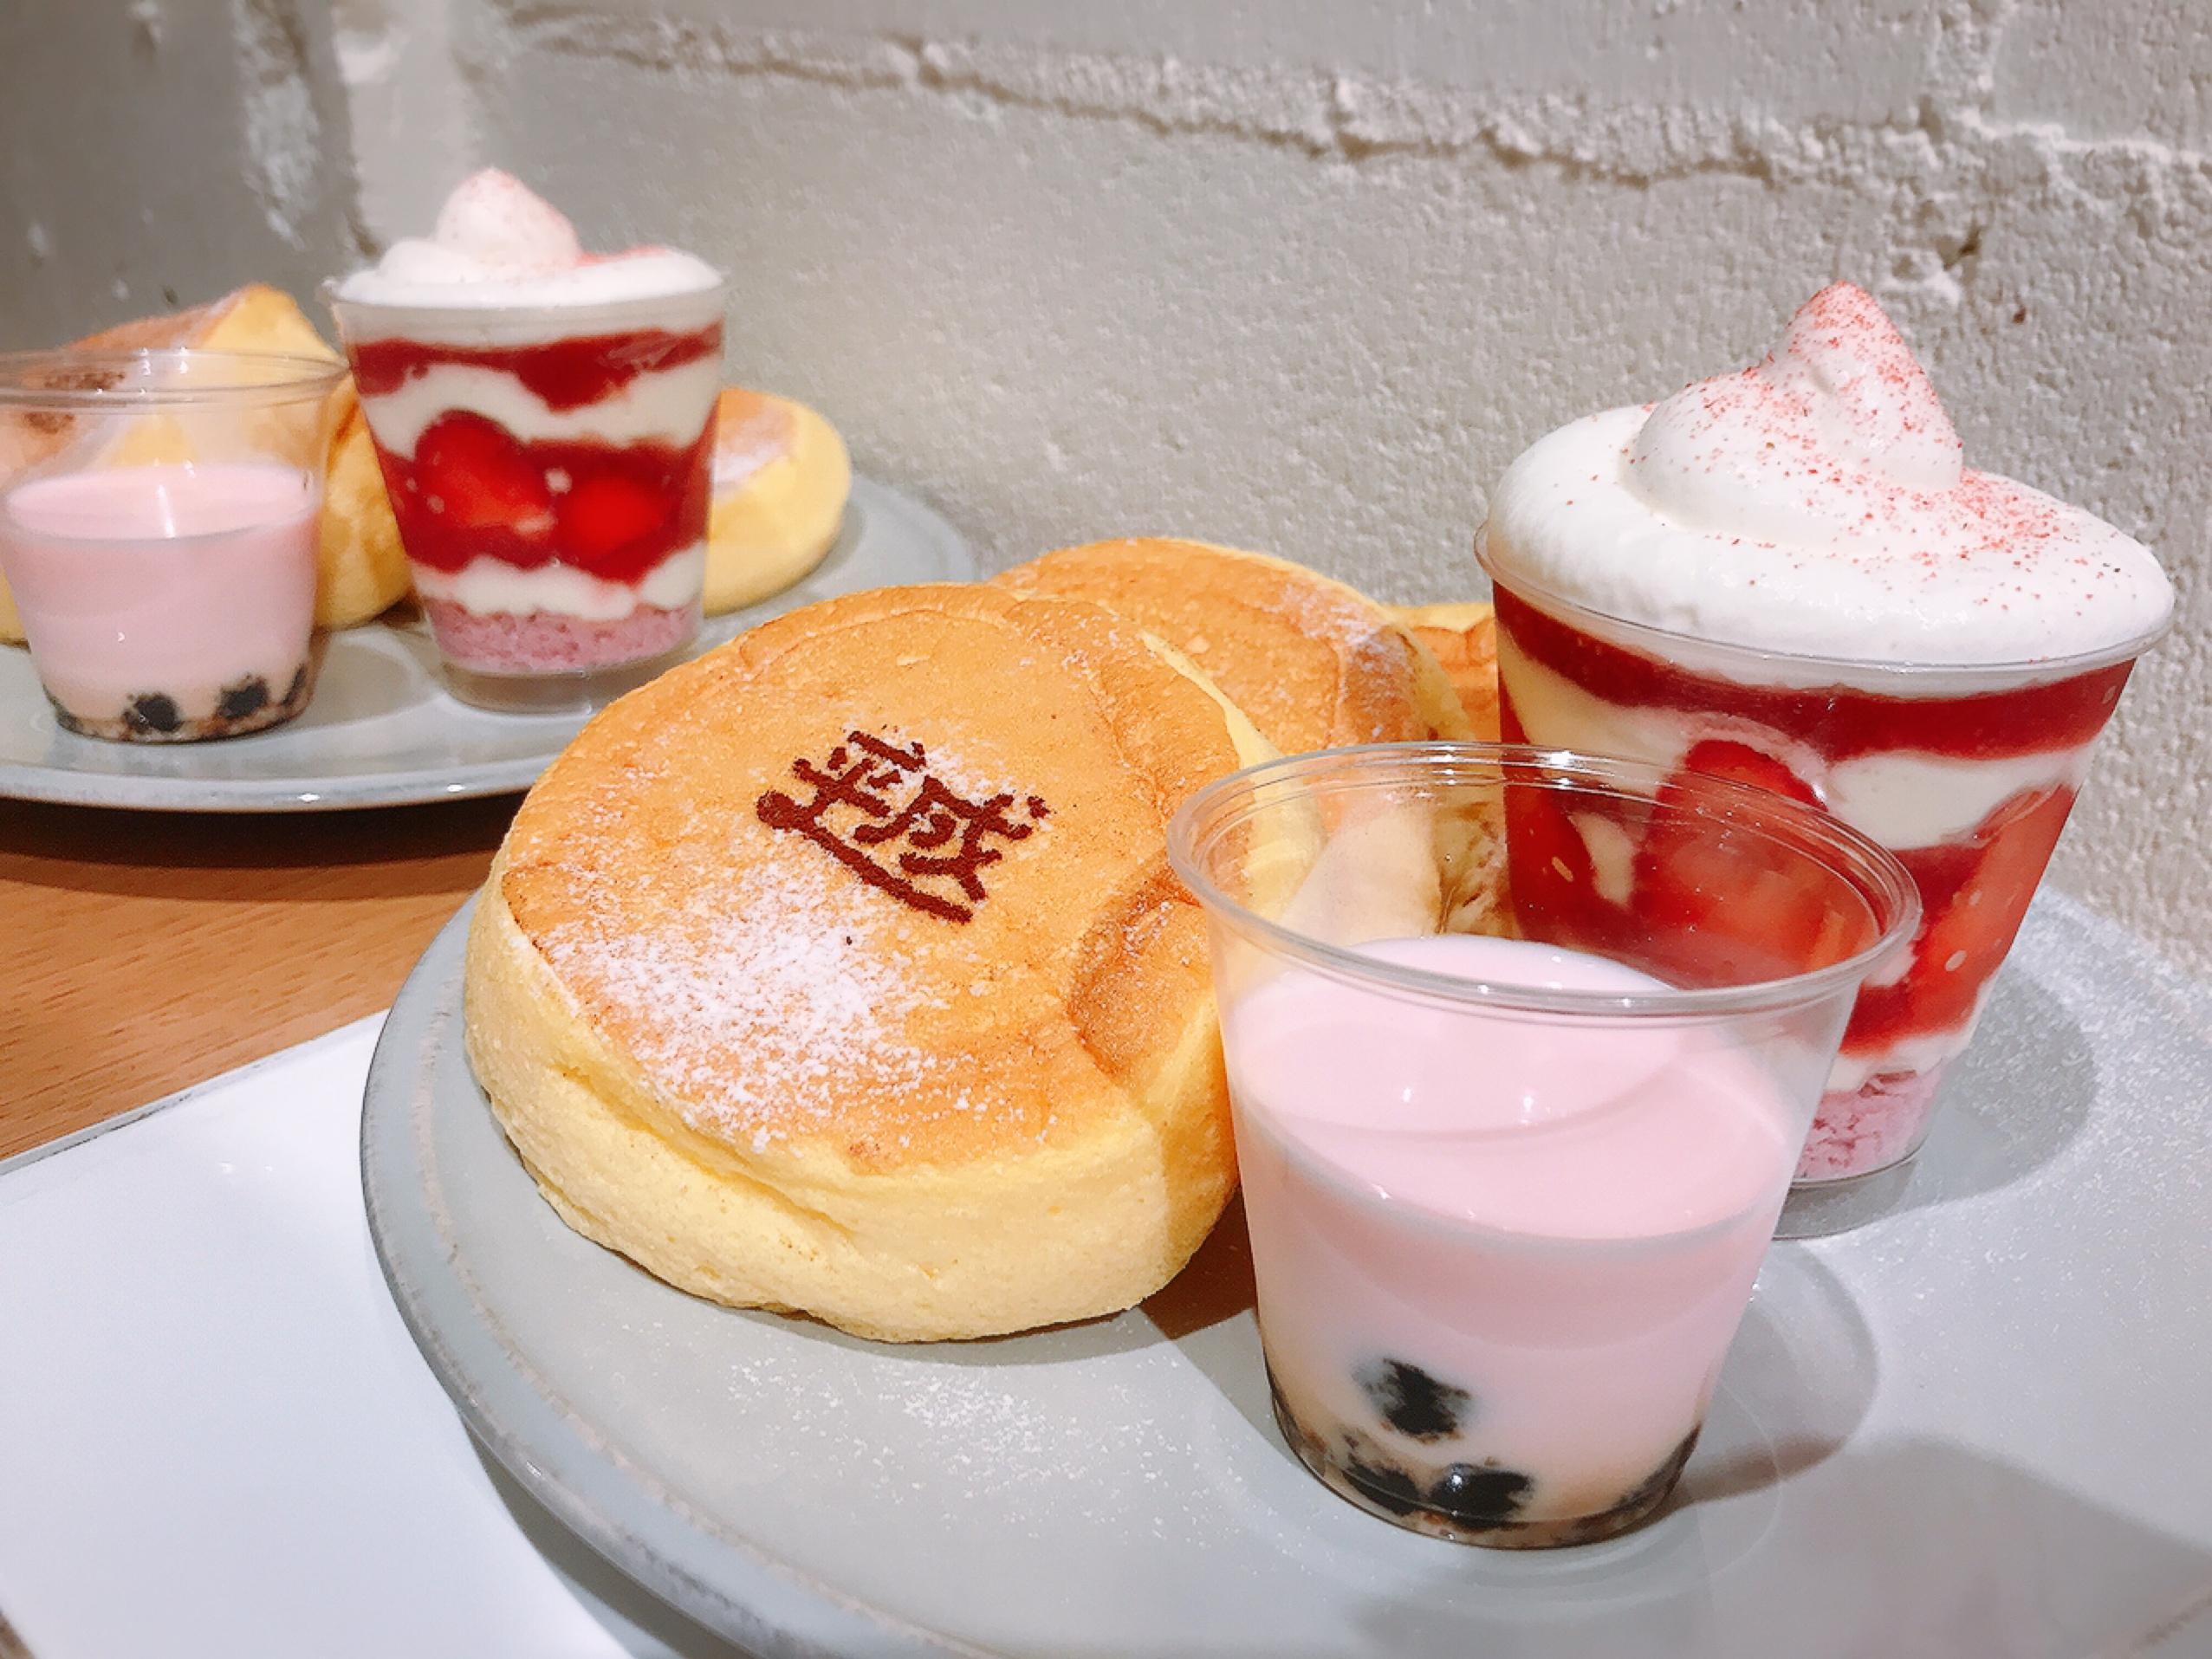 FLIPPER'S(フリッパーズ)の《平成最後の奇跡のパンケーキ》って!?_2